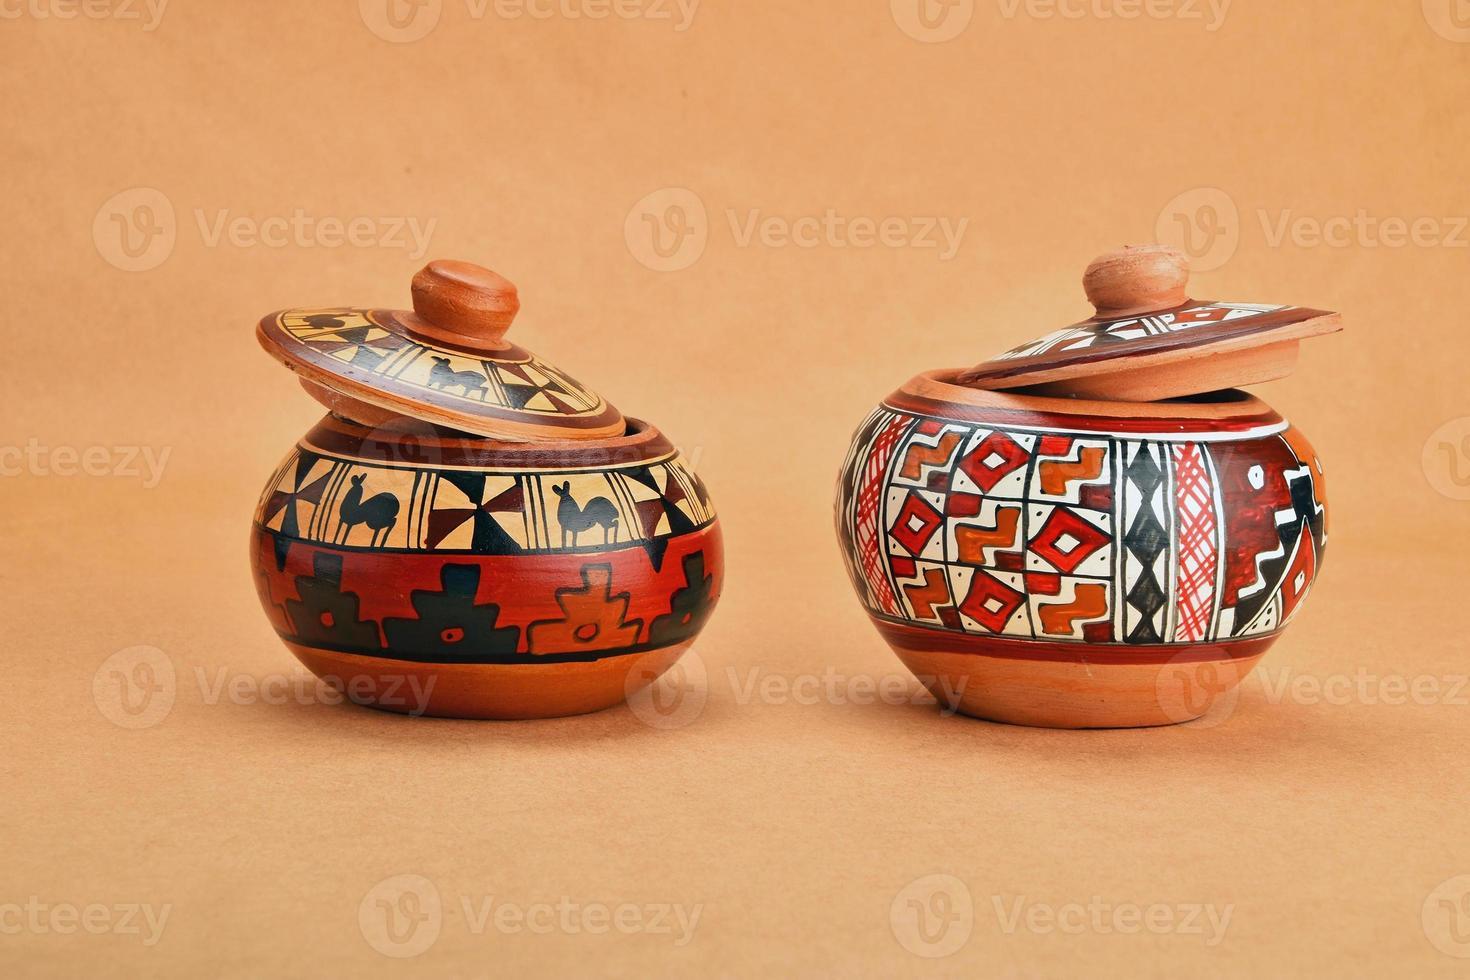 twee beschilderde handgemaakte keramiek pot met deksels op kraftpapier foto